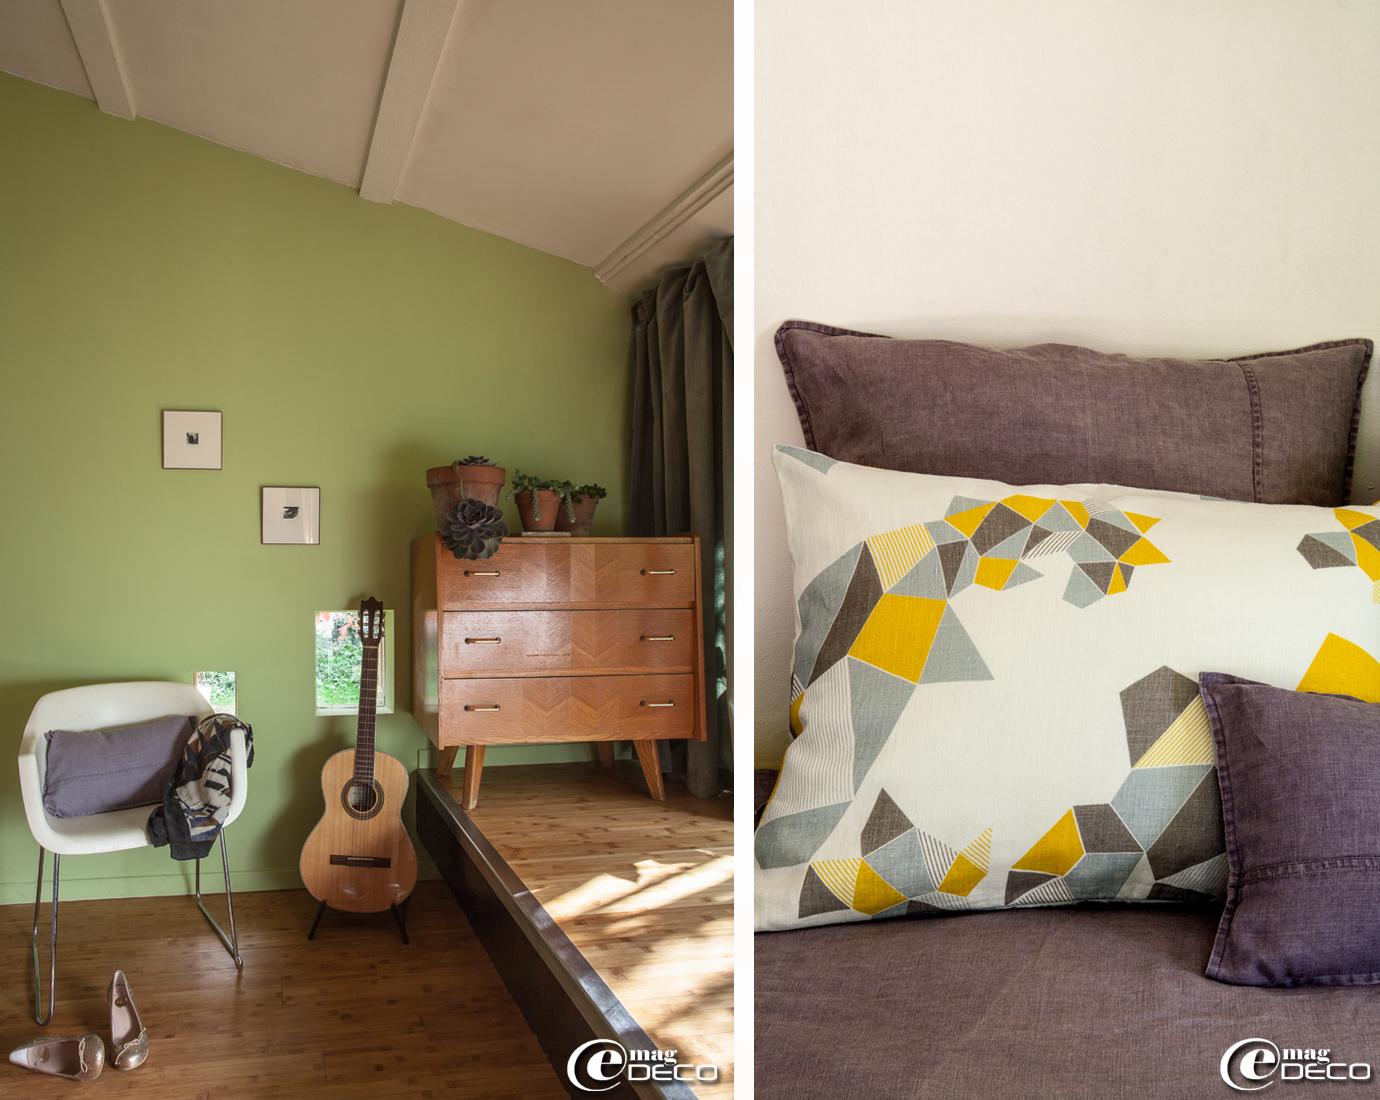 Décoration vintage dans une chambre avec un parquet en bambou, coussin et couvre-lit en lin 'Marcelise', écharpe en laine 'Ma Poésie' créée par Elsa Poux